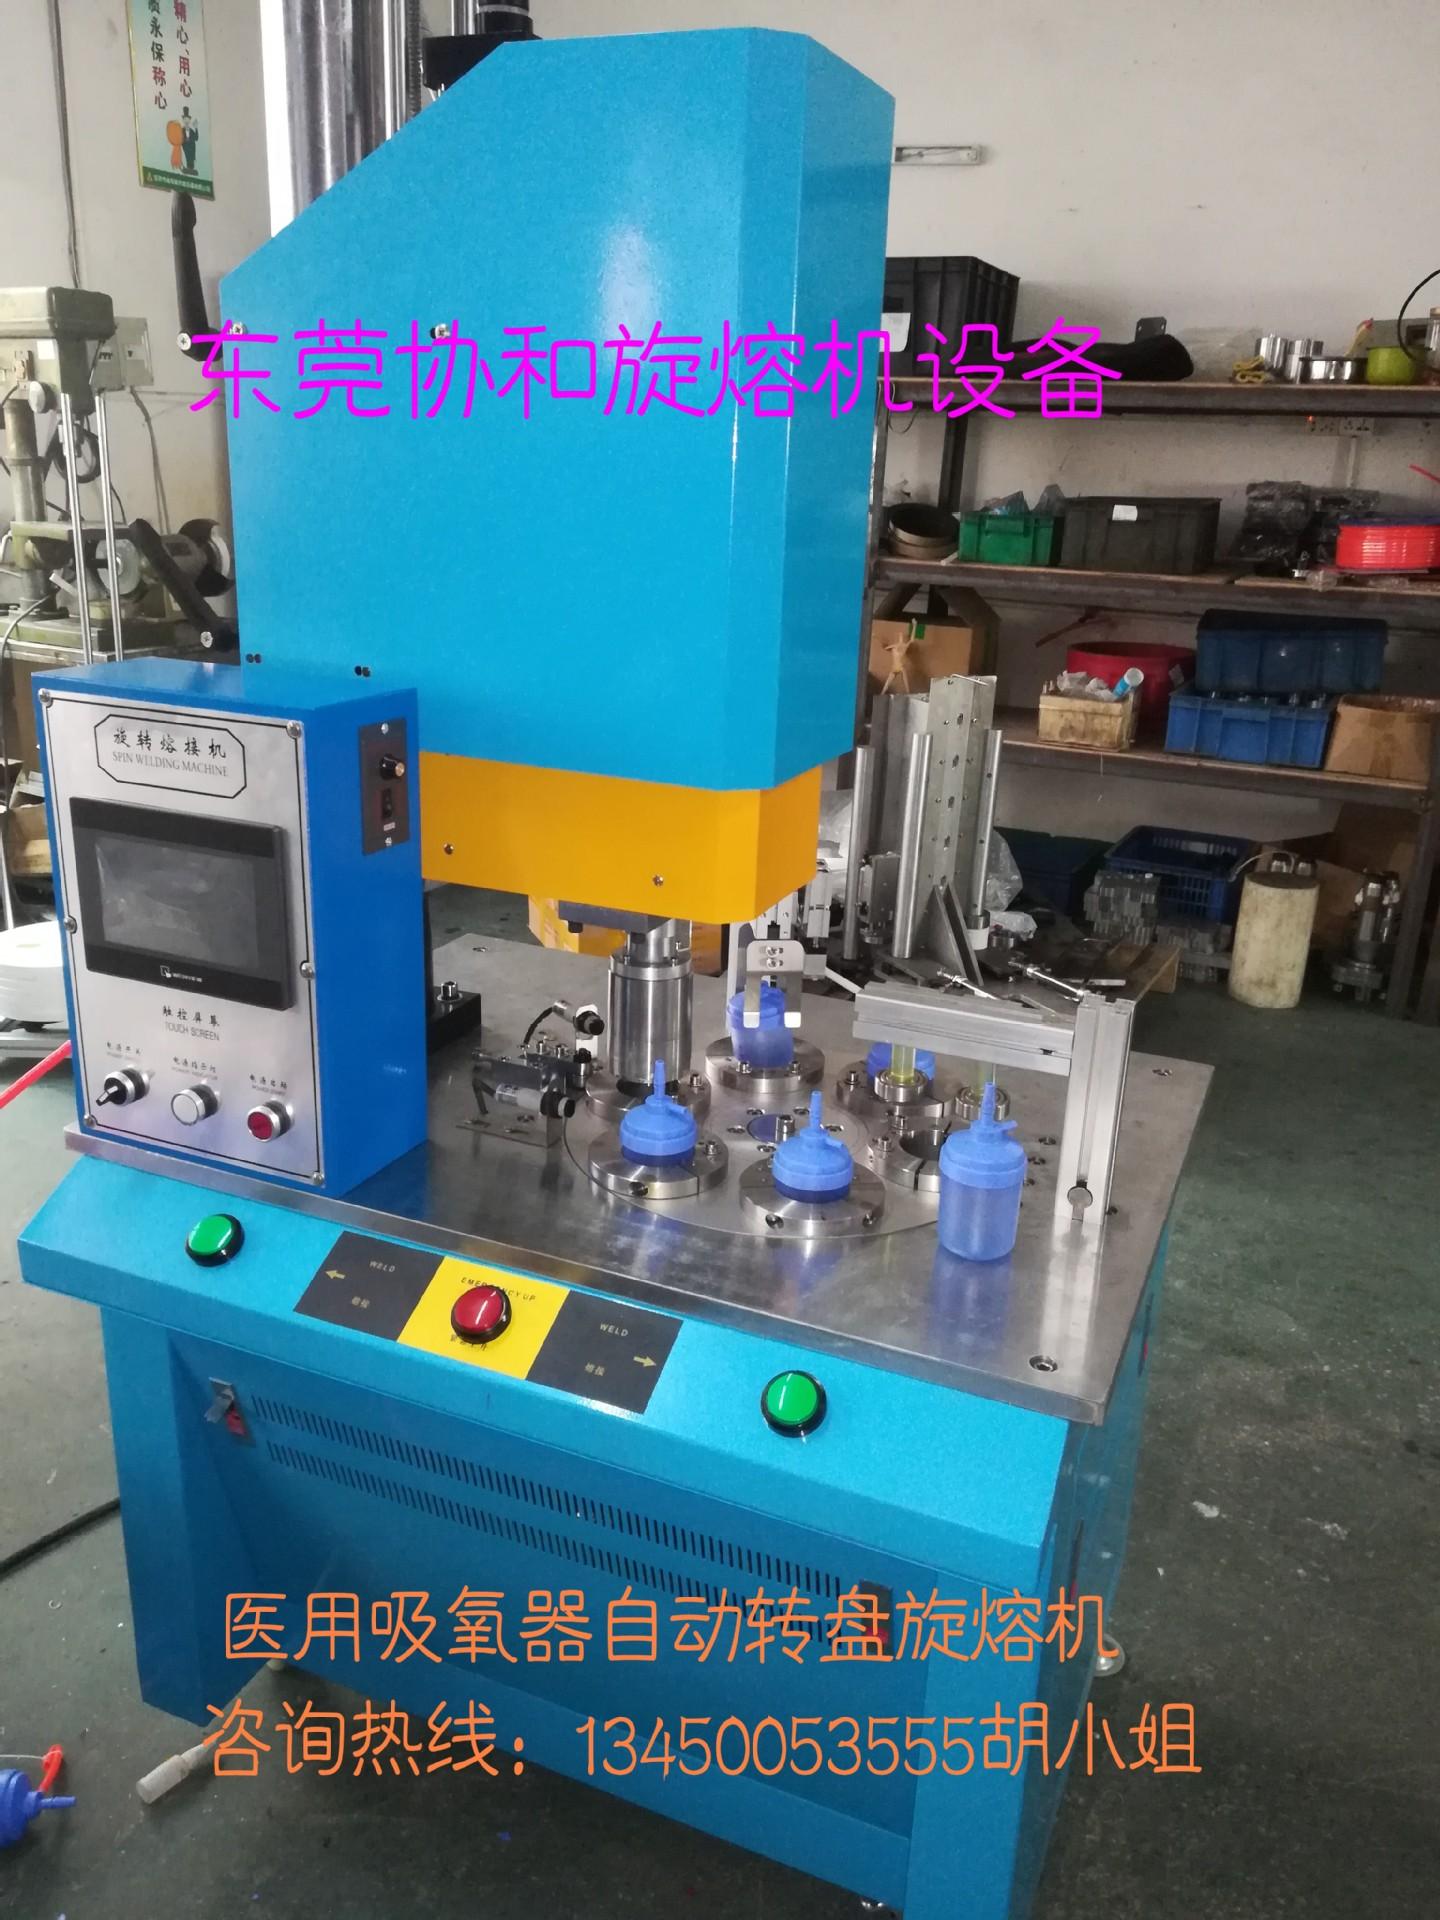 定位旋熔机的原理 协和生产厂家质量保证  定位旋熔机的价格示例图4